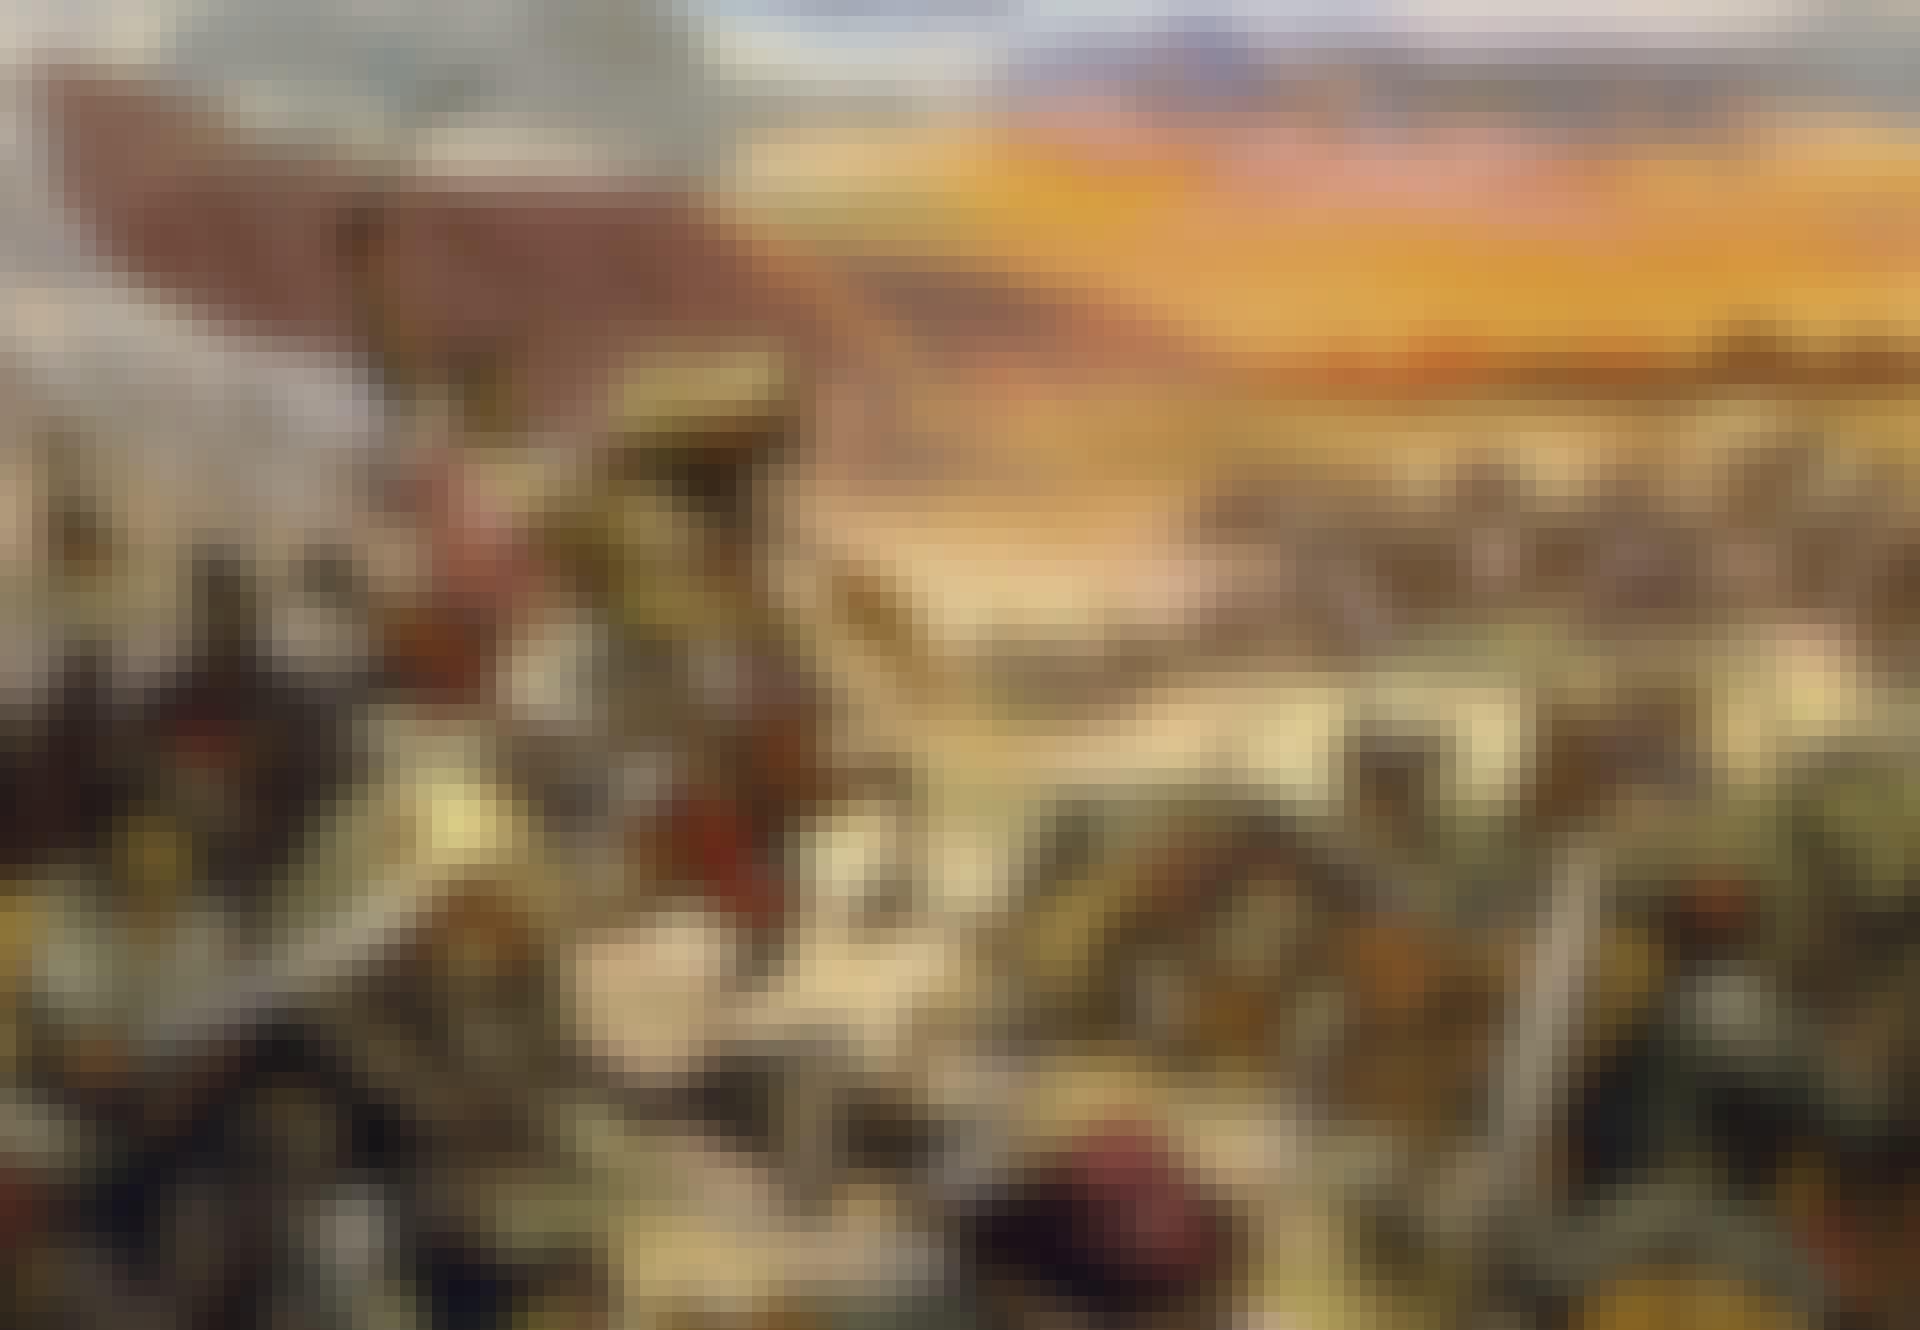 Efter tjugo år blev Temüjin khan över alla khaner (färglitografi)